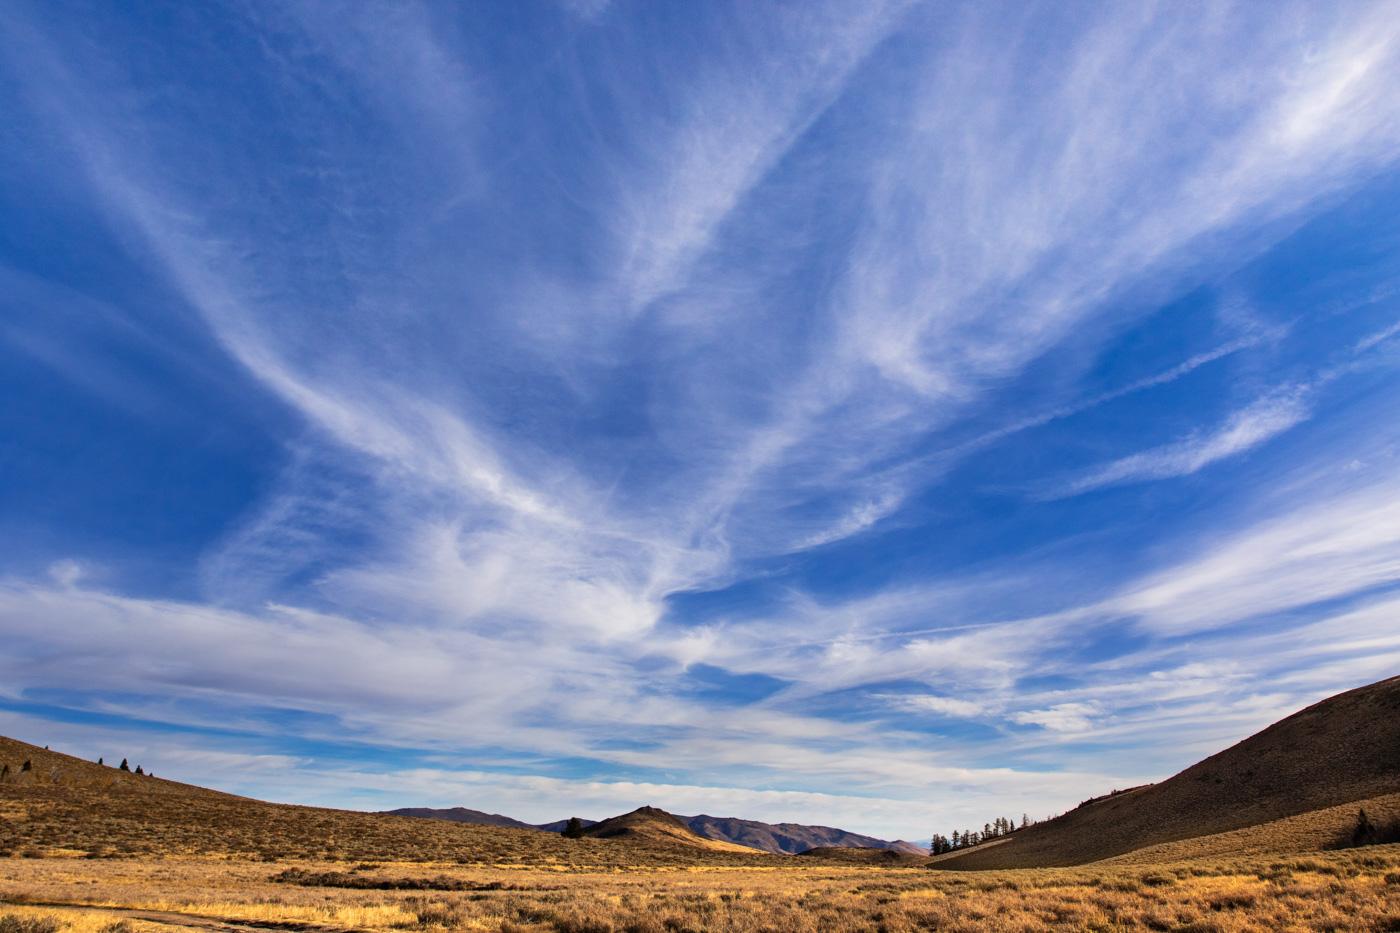 Wide Open Eastern Sierra Valley in Autumn